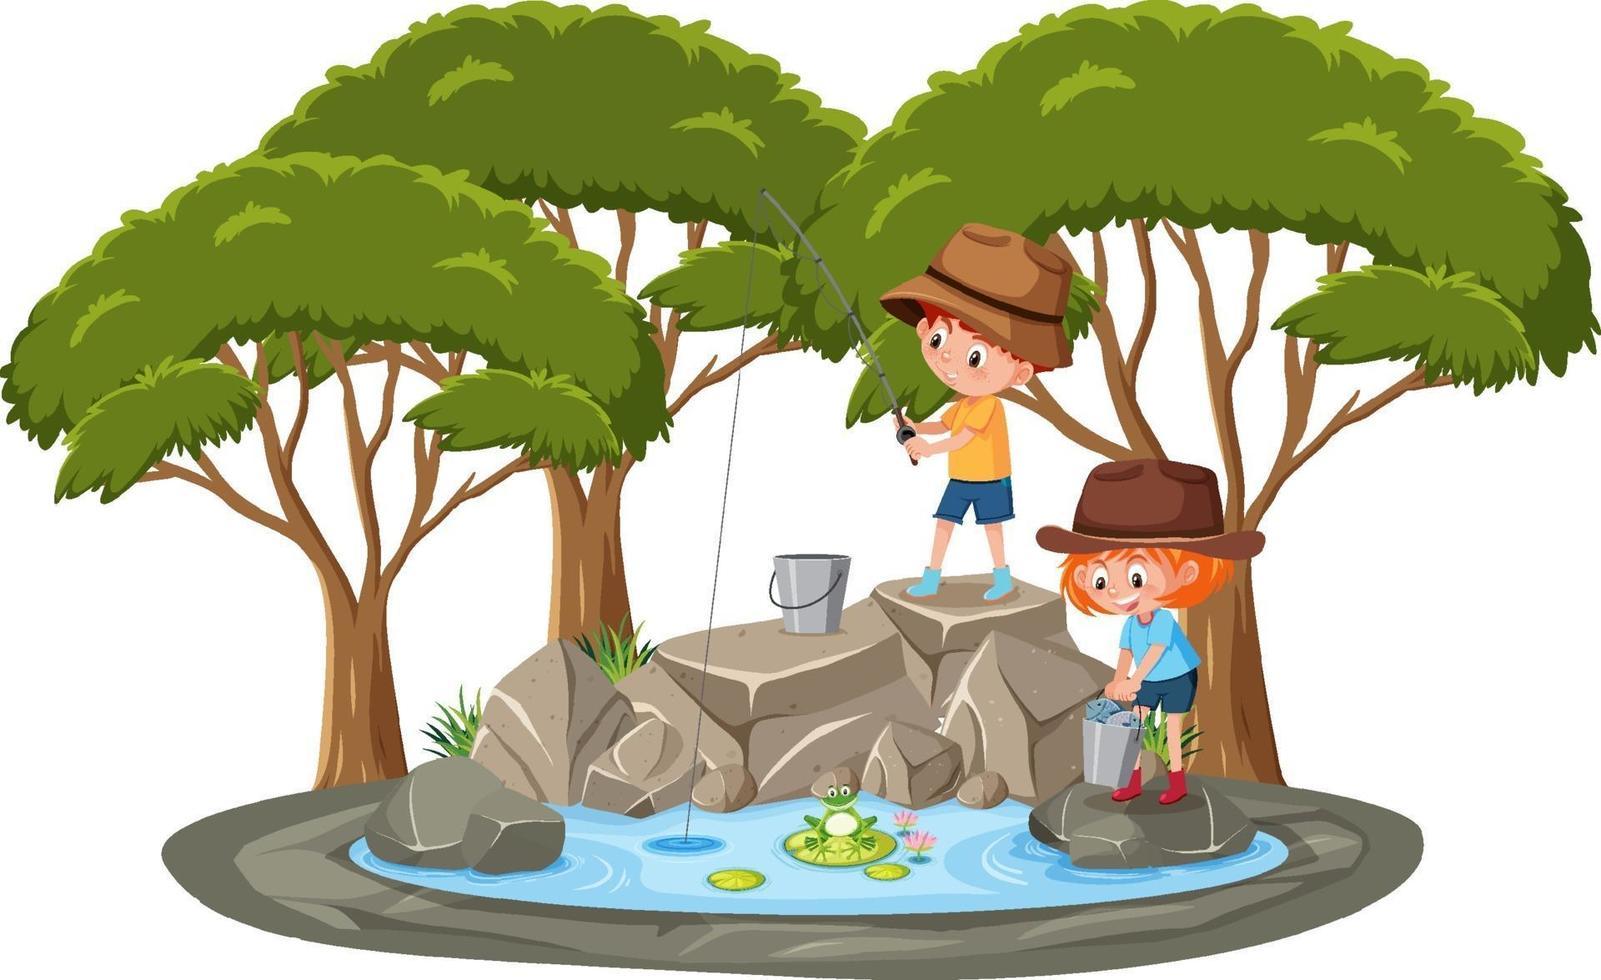 isolierte Szene mit Kindern, die am Teich fischen vektor